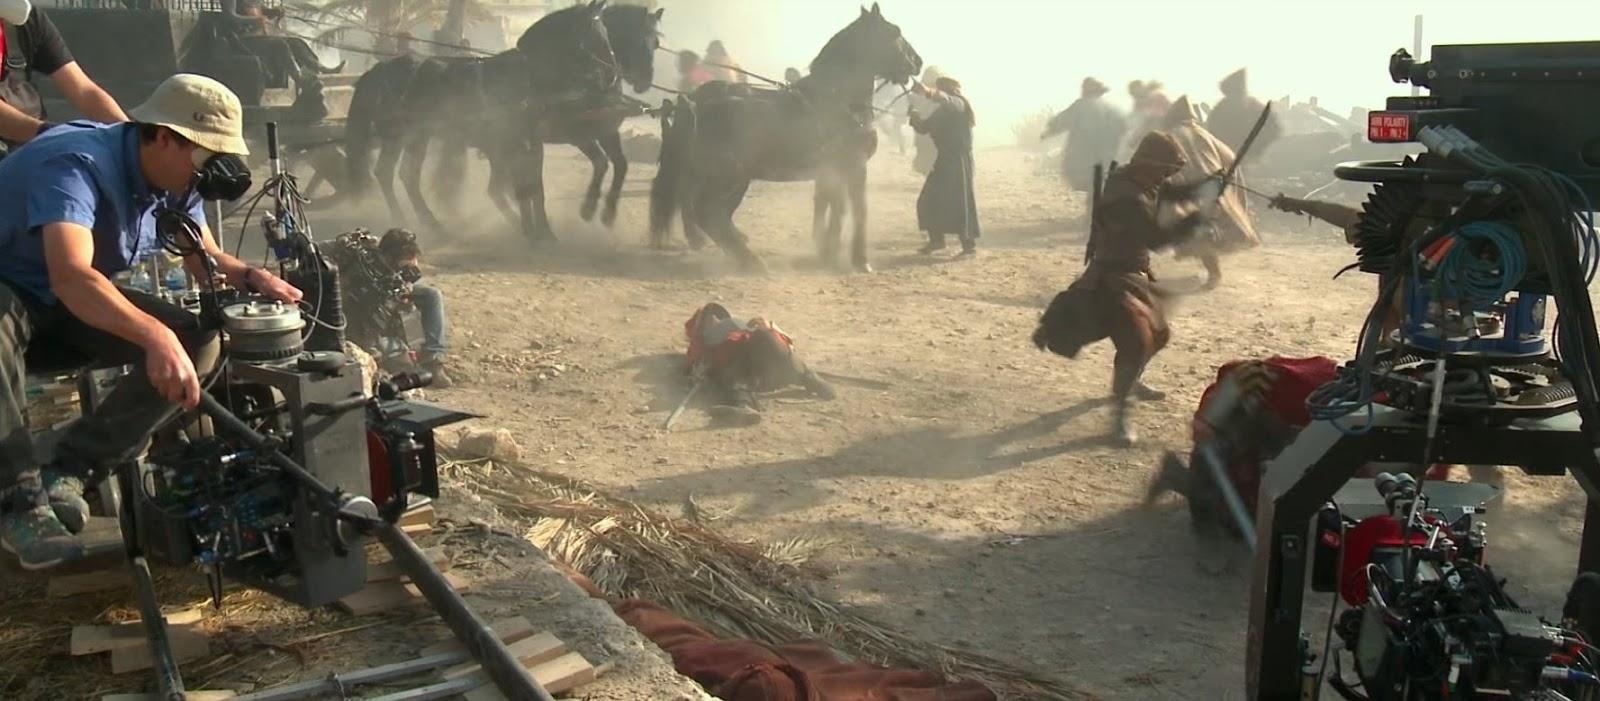 Assassin's Creed Pelicula Detrás de cámaras movie behind the scenes